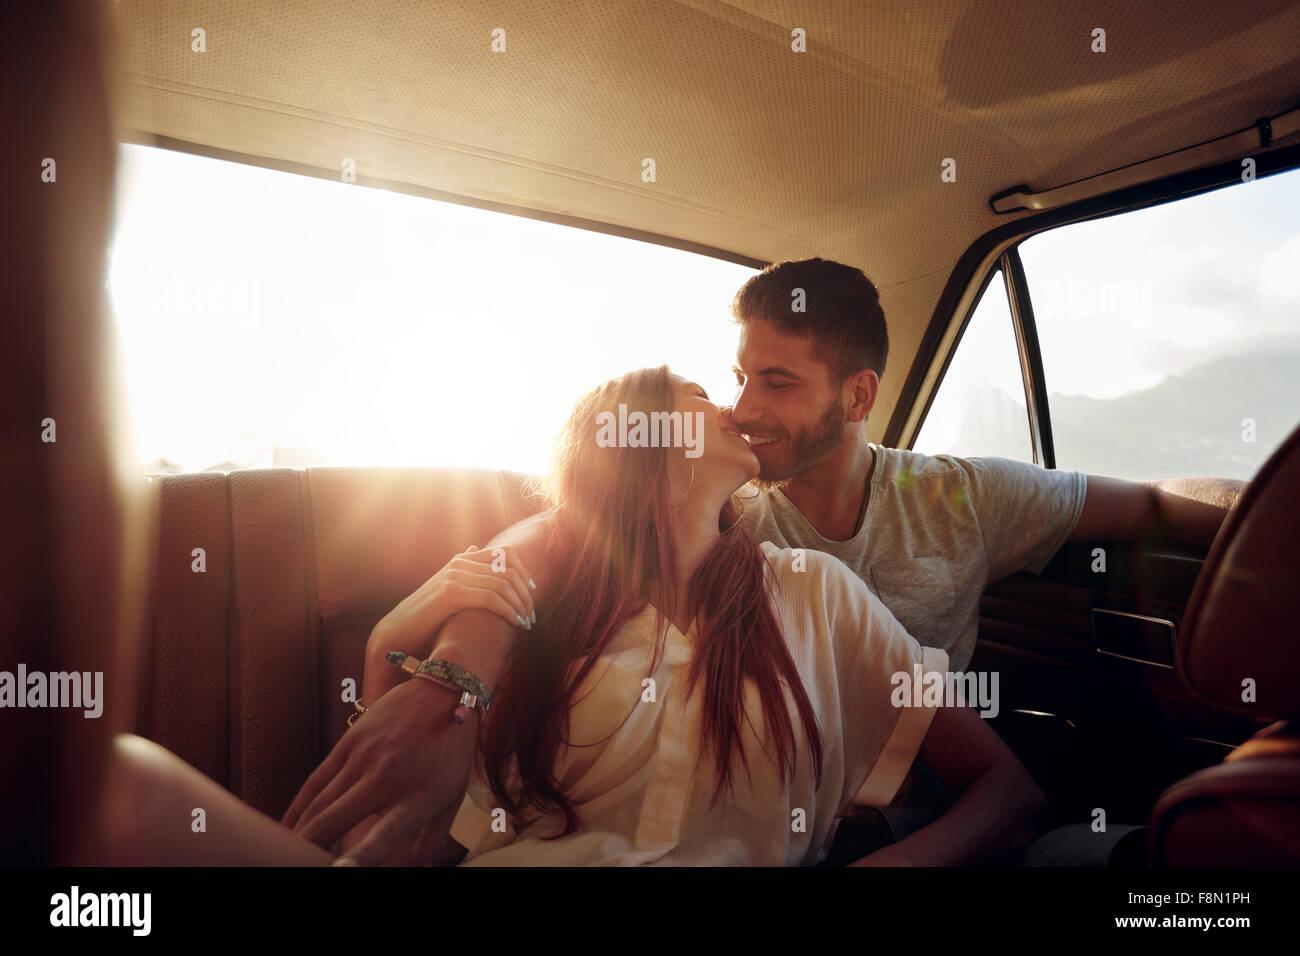 Zärtlich junges Paar sitzt im hinteren Sitz eines Autos. Junger Mann und Frau im Rücksitz eines Fahrzeugs Stockbild